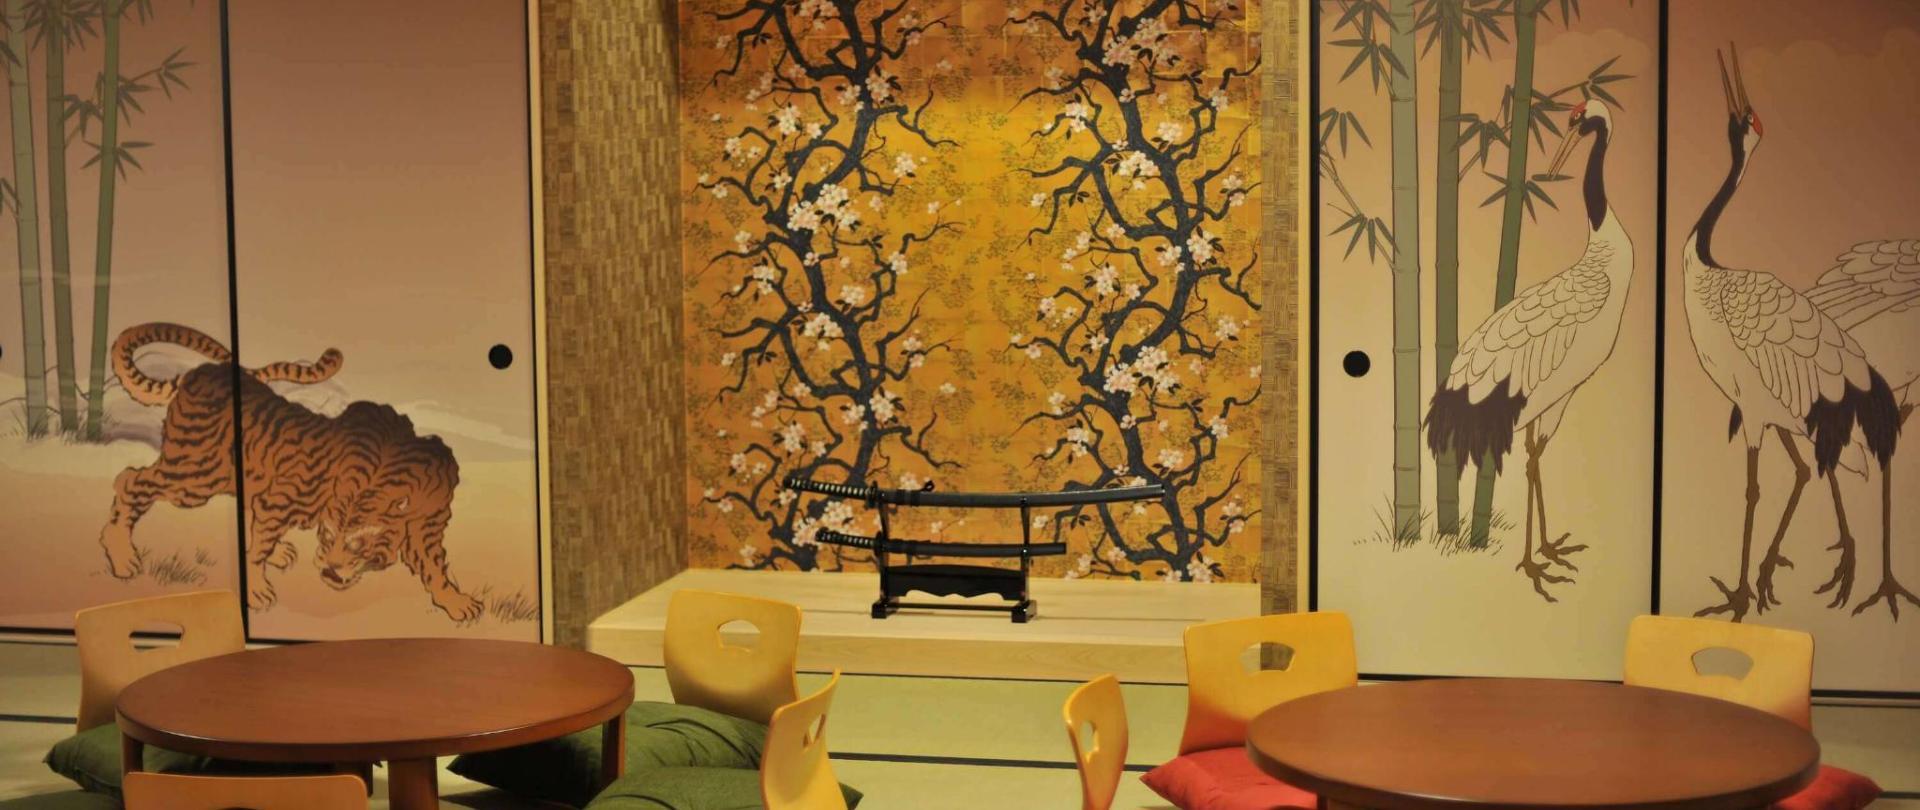 考山世界天王寺旅館